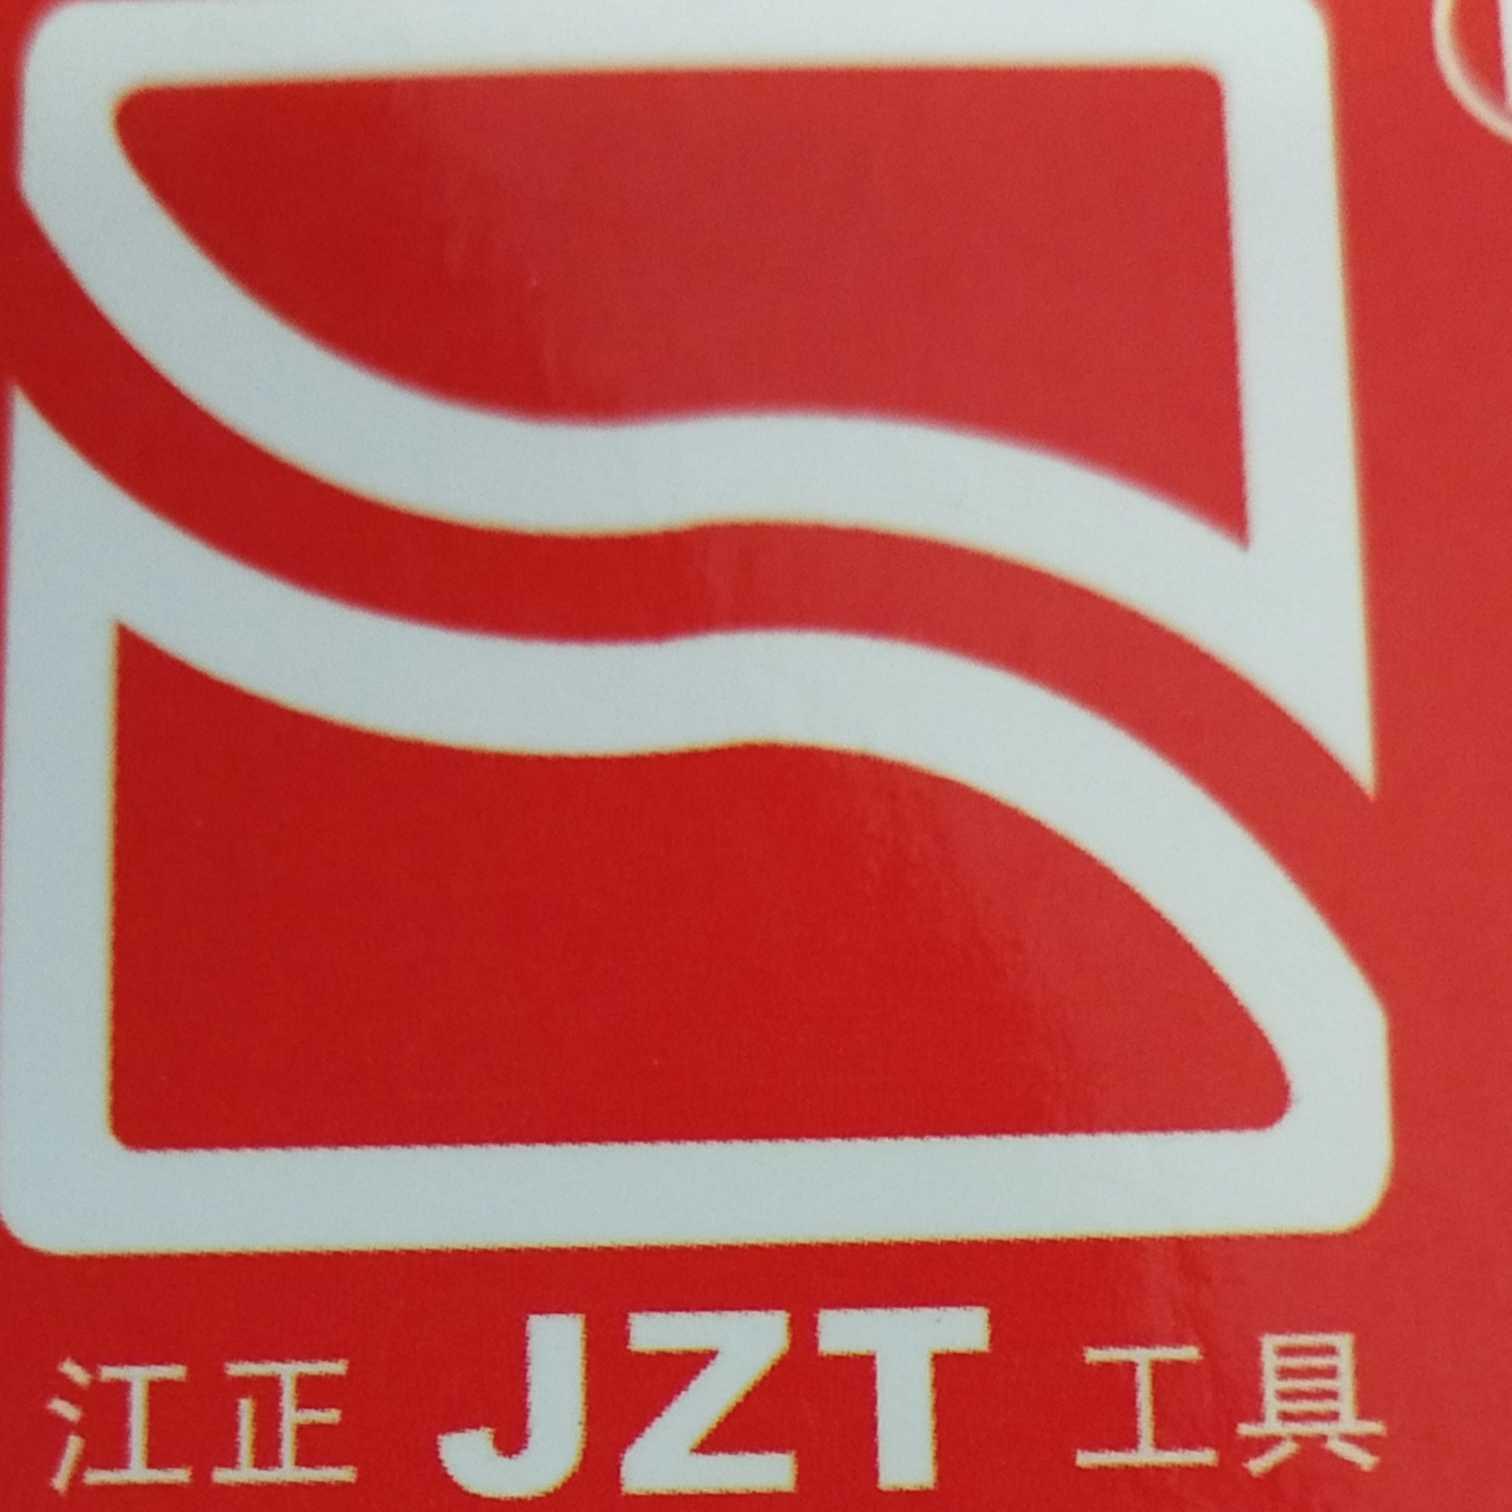 扬州新江正工具有限公司